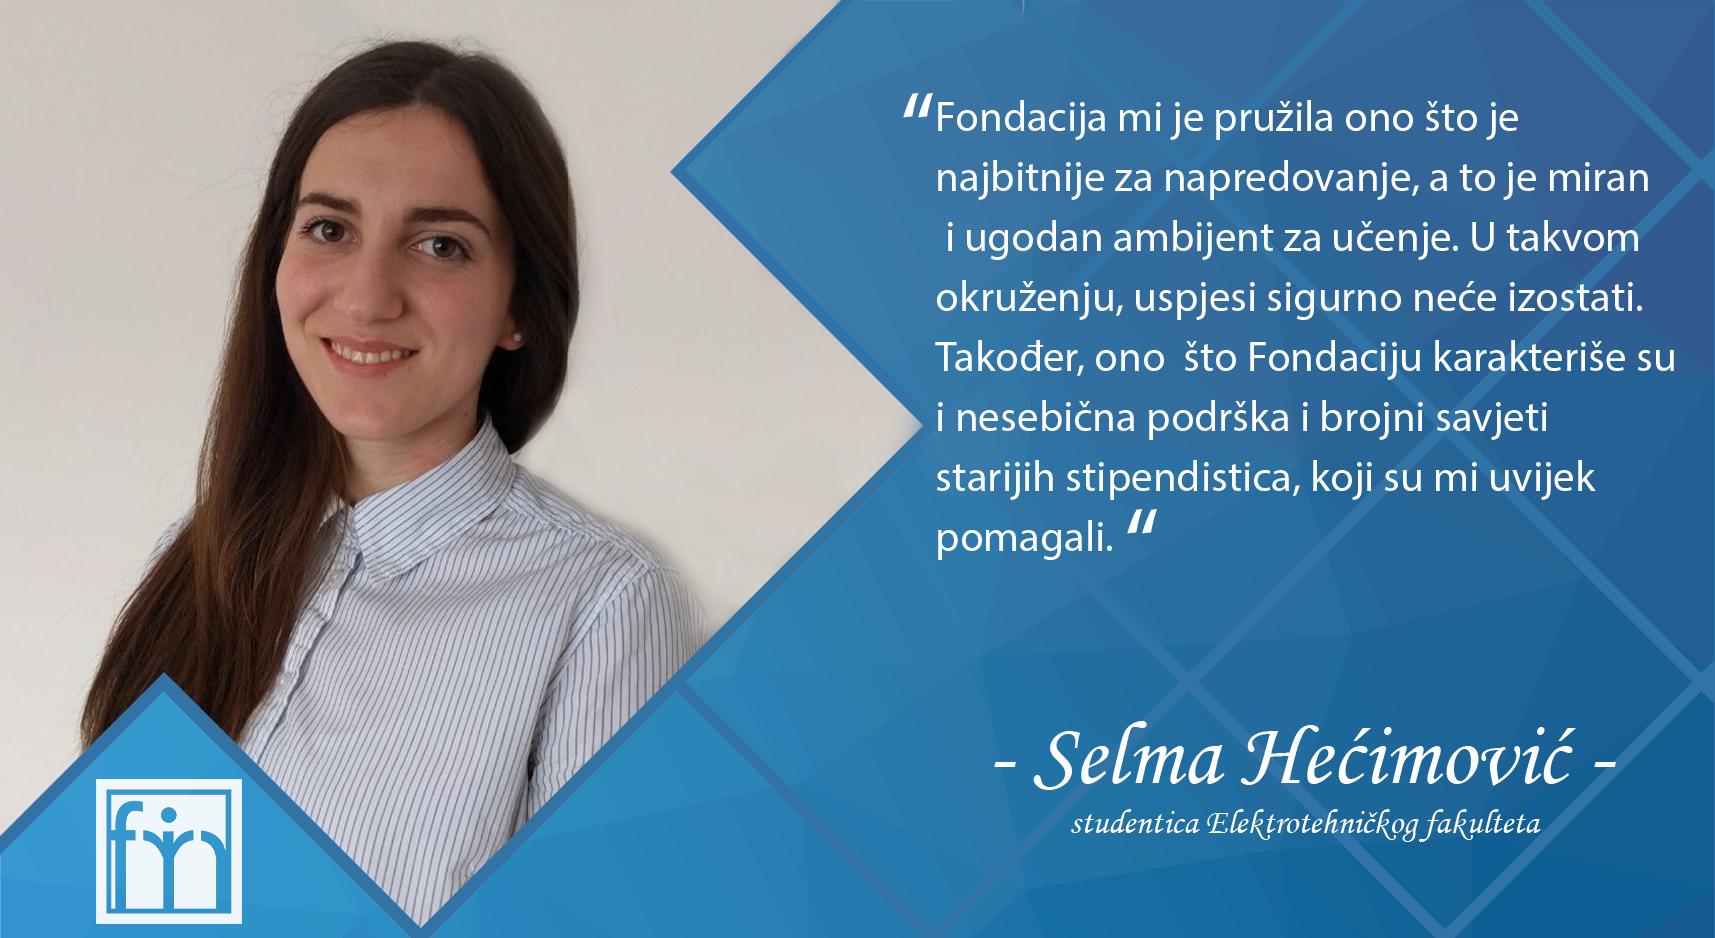 Selma_Hecimovic_Izvor_nade